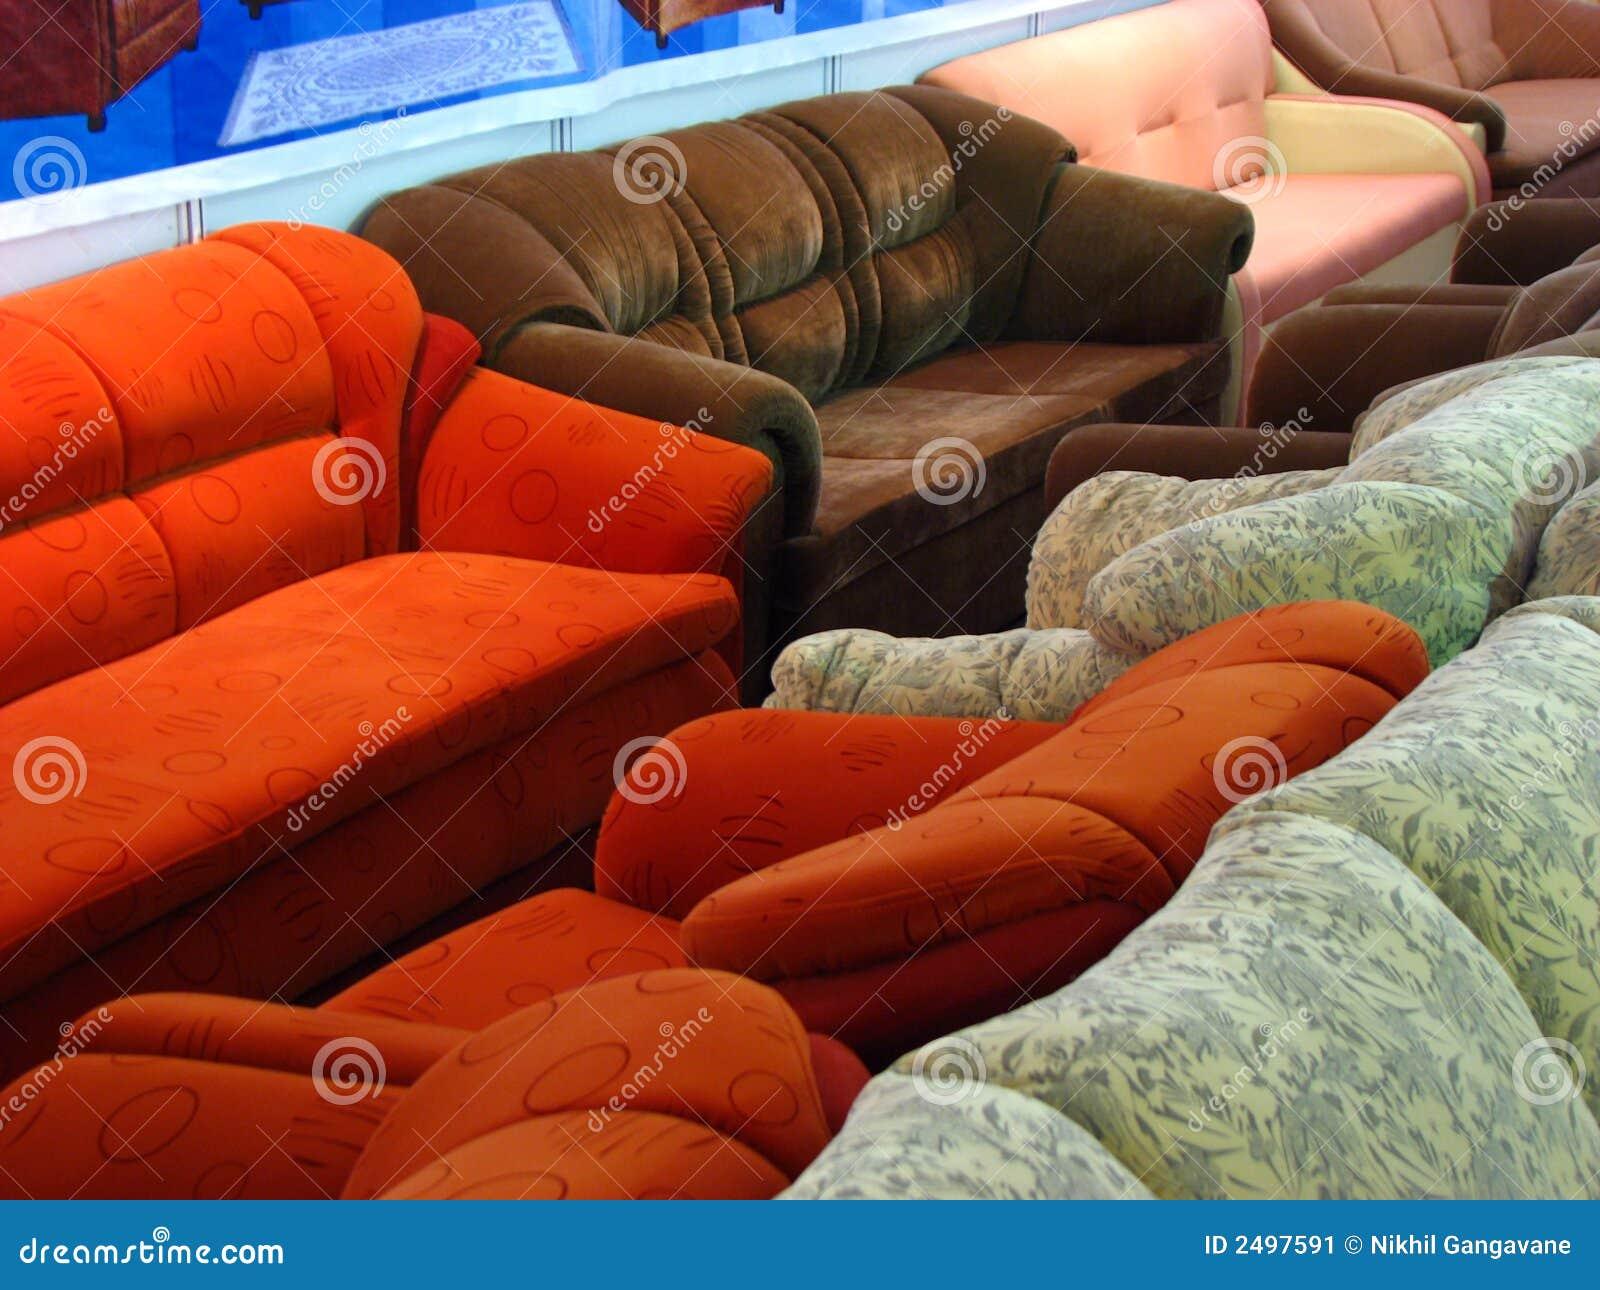 Line of Sofas